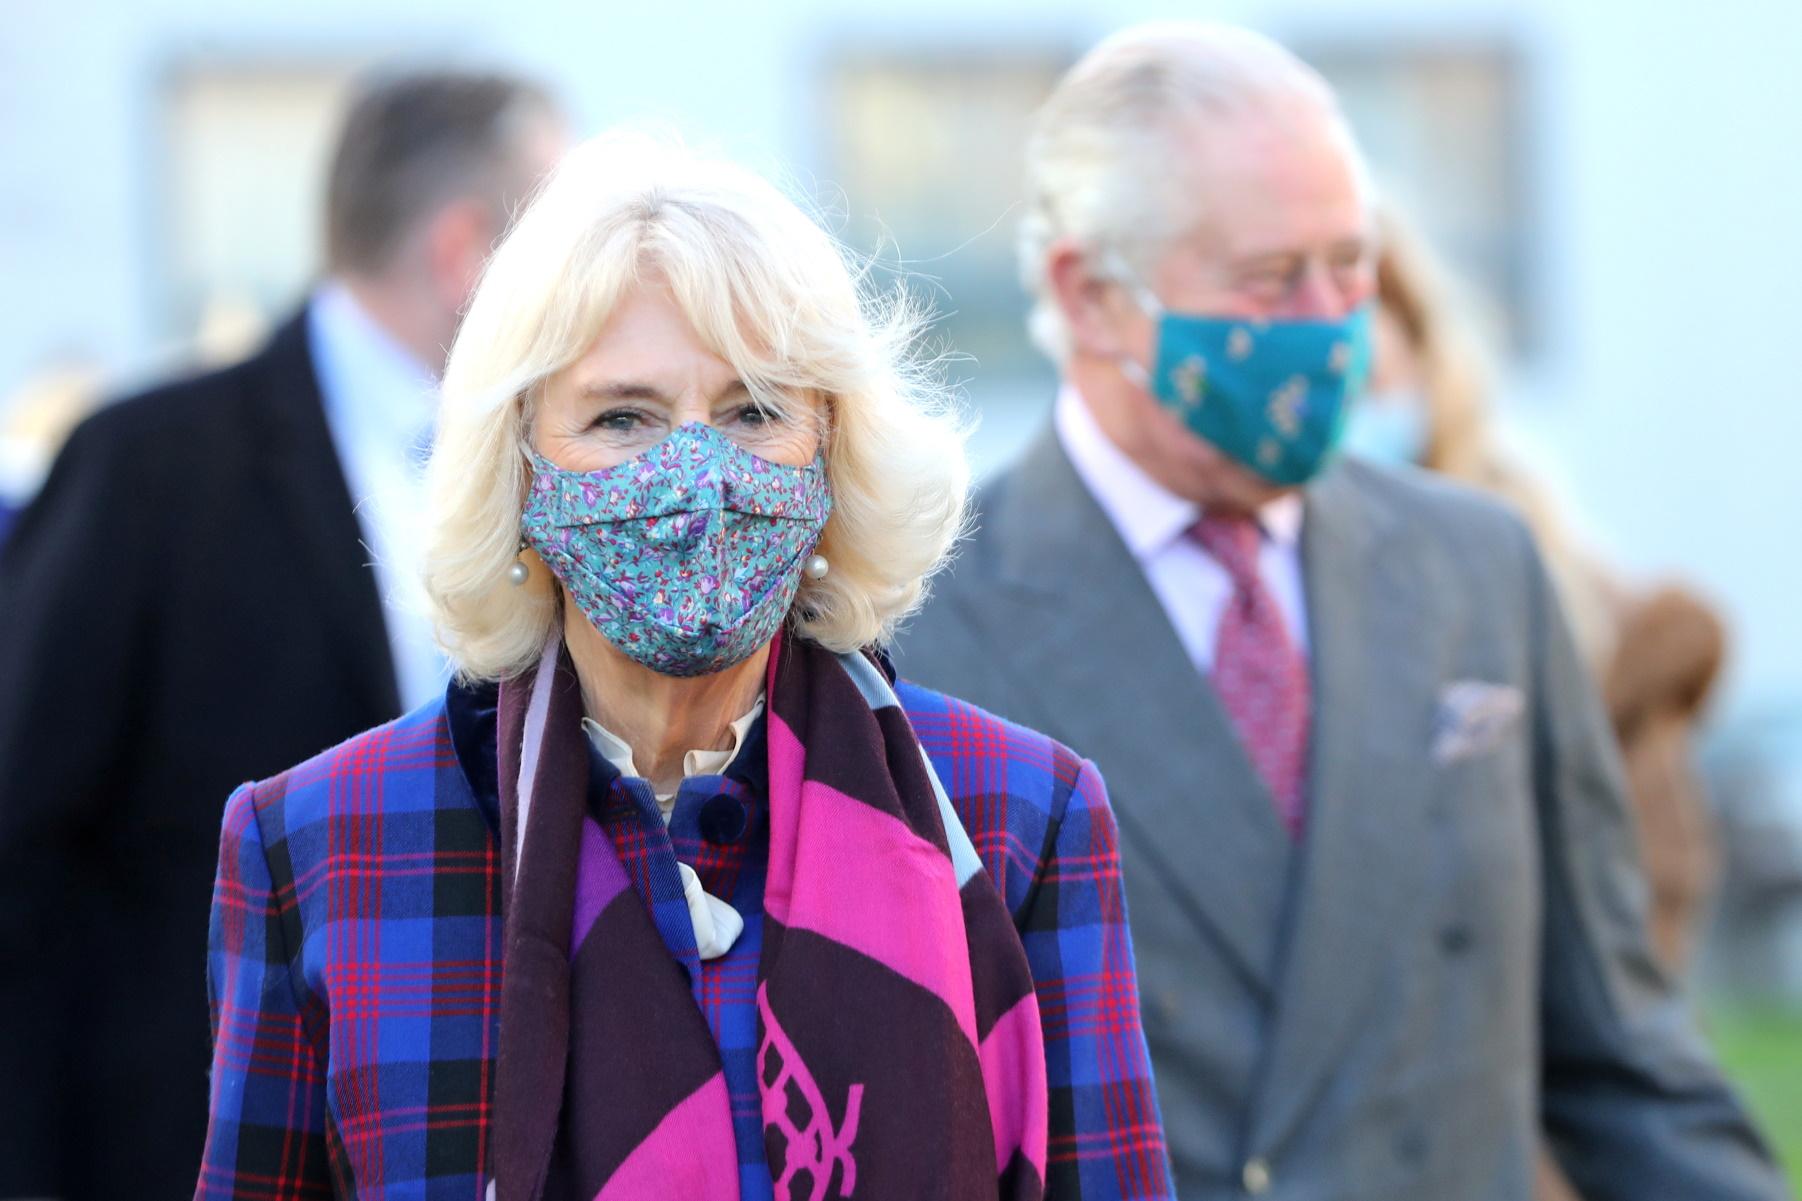 Βρετανία: Ο πρίγκιπας Κάρολος και η Καμίλα έκαναν το εμβόλιο κατά του κορονοϊού